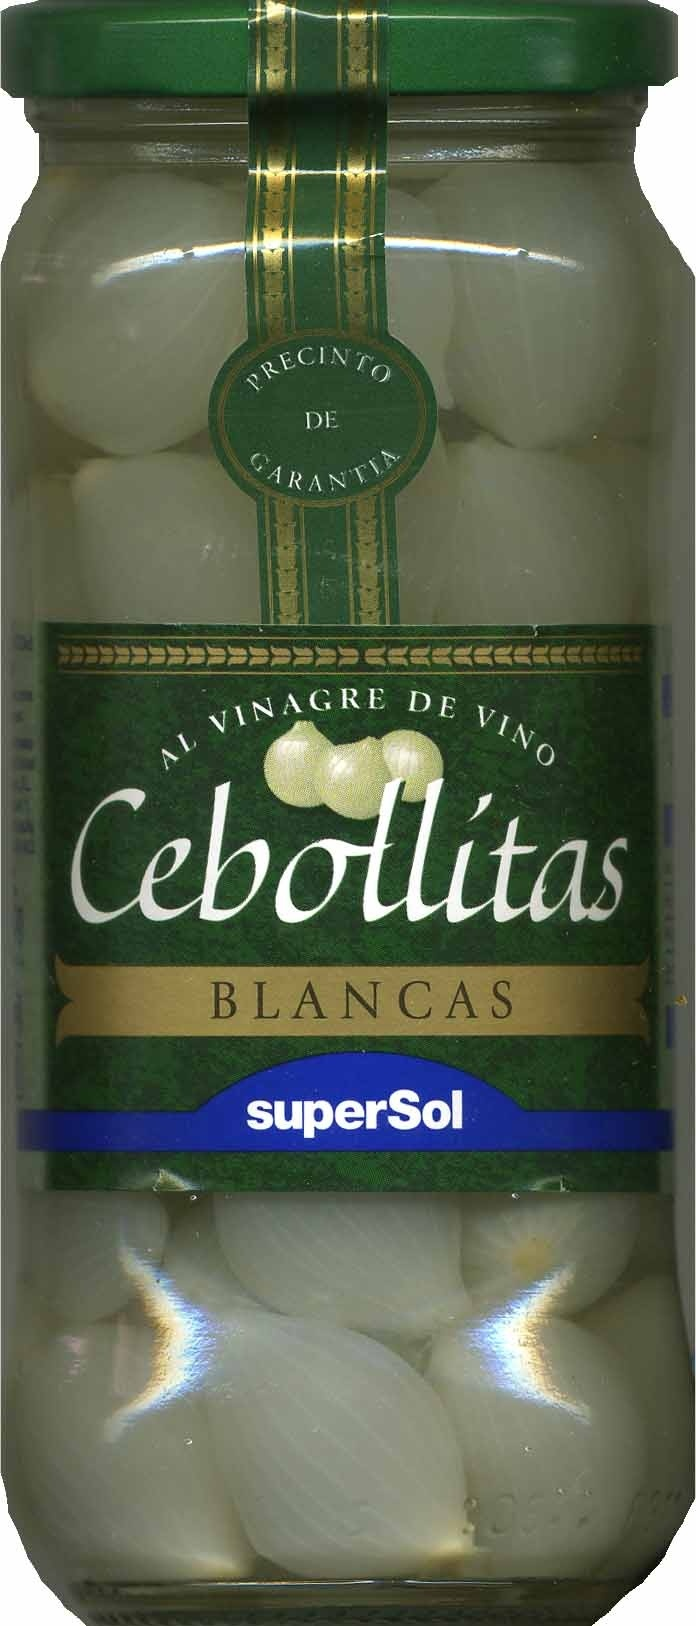 """Cebollitas encurtidas """"SuperSol"""" - Producto - es"""